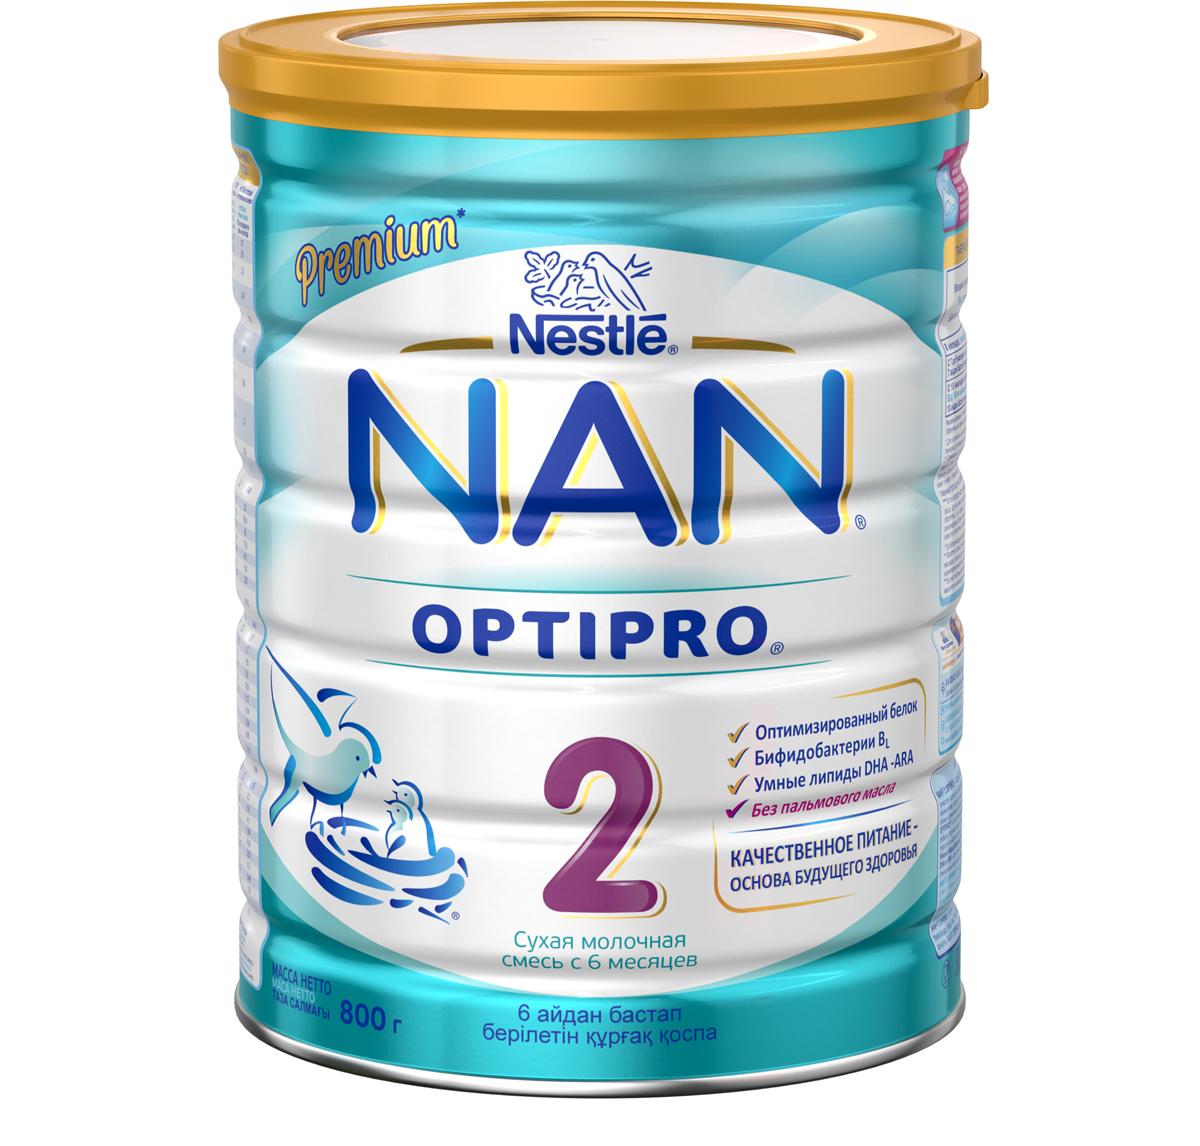 NAN 2 OPTIPRO смесь молочная, с 6 месяцев, 800 г золотой резерв барс свинина тушеная высший сорт 325 г